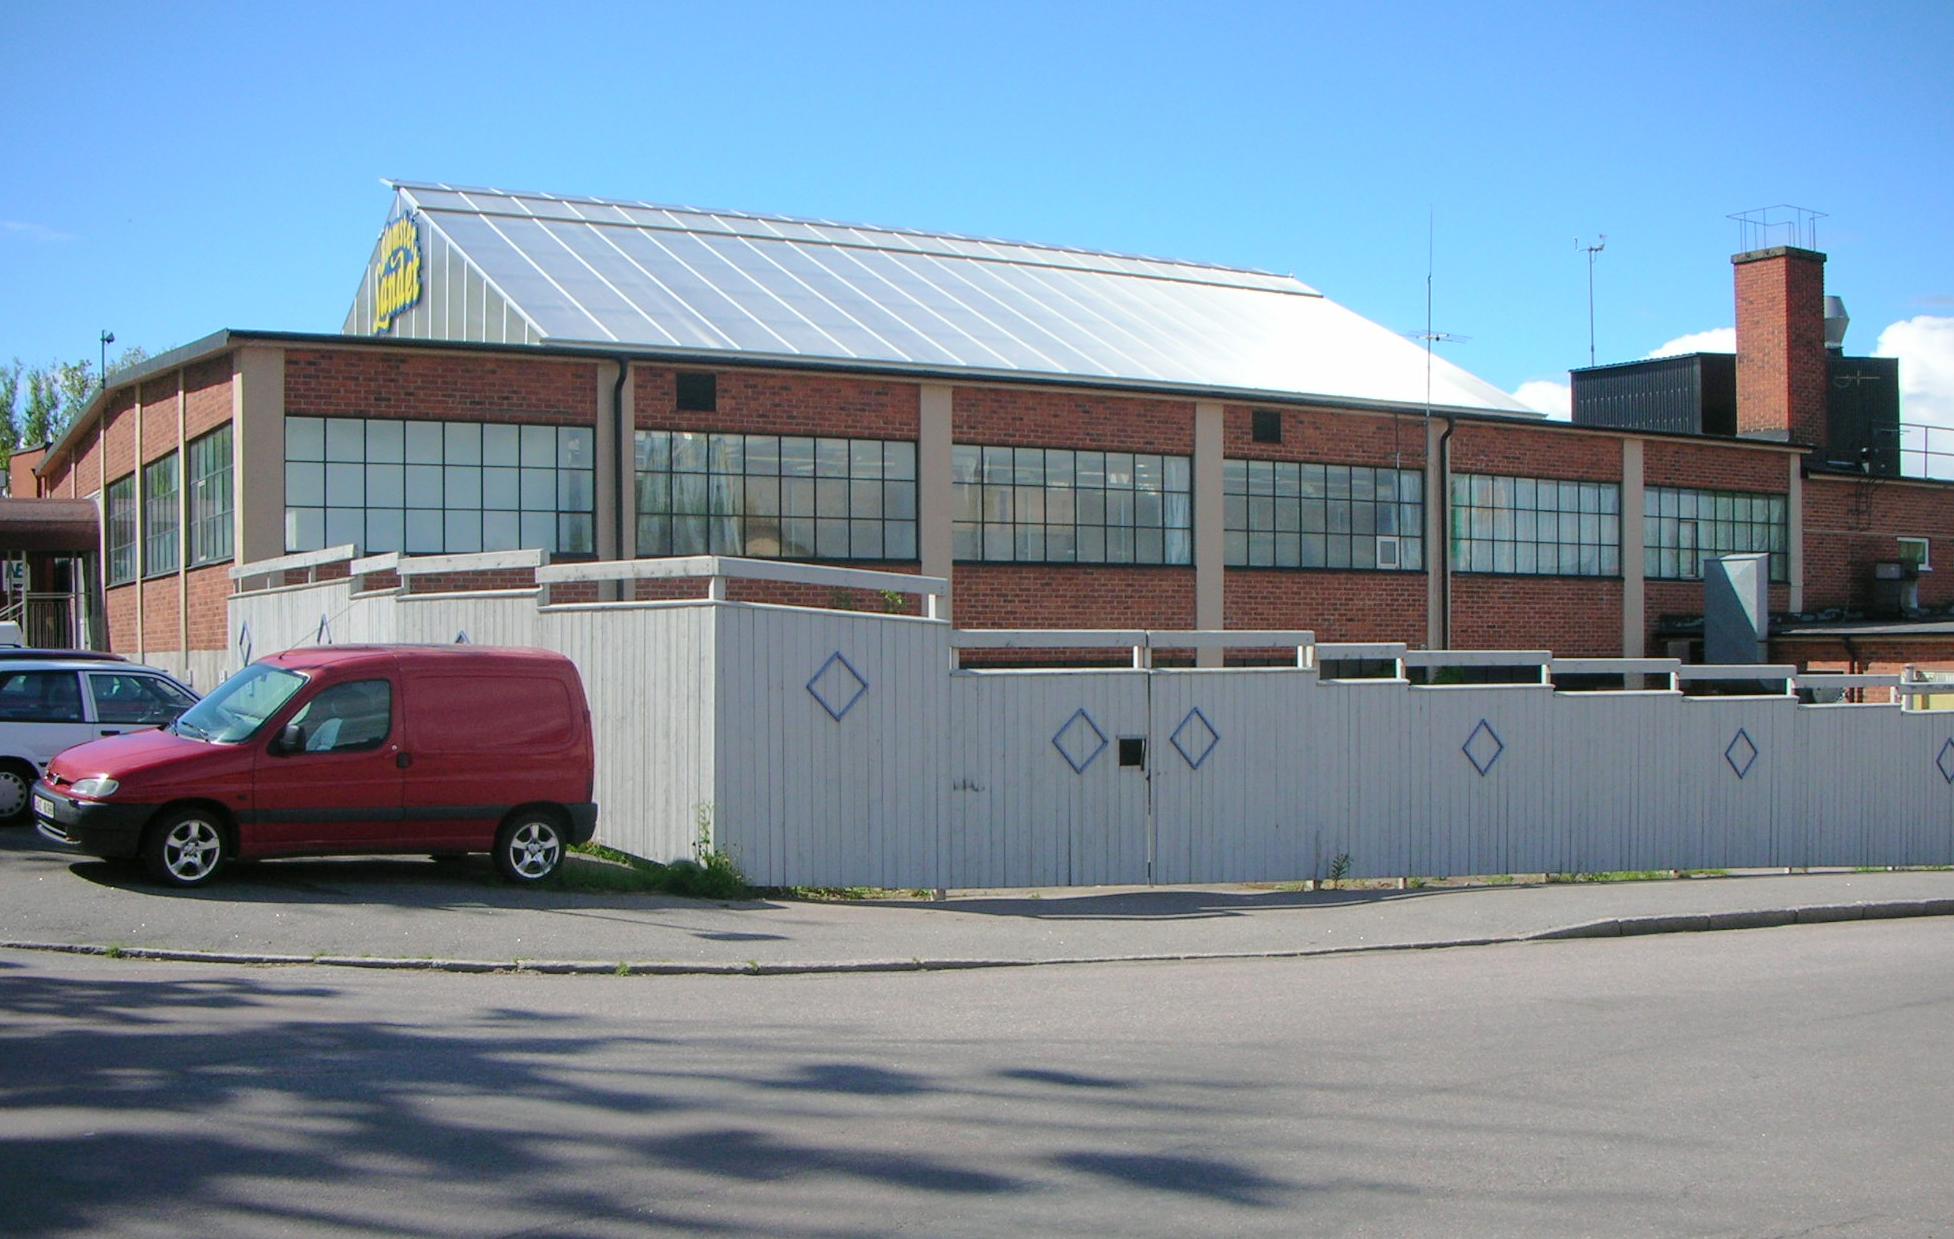 Hörnet Slöjdgatan - Gesällgatan